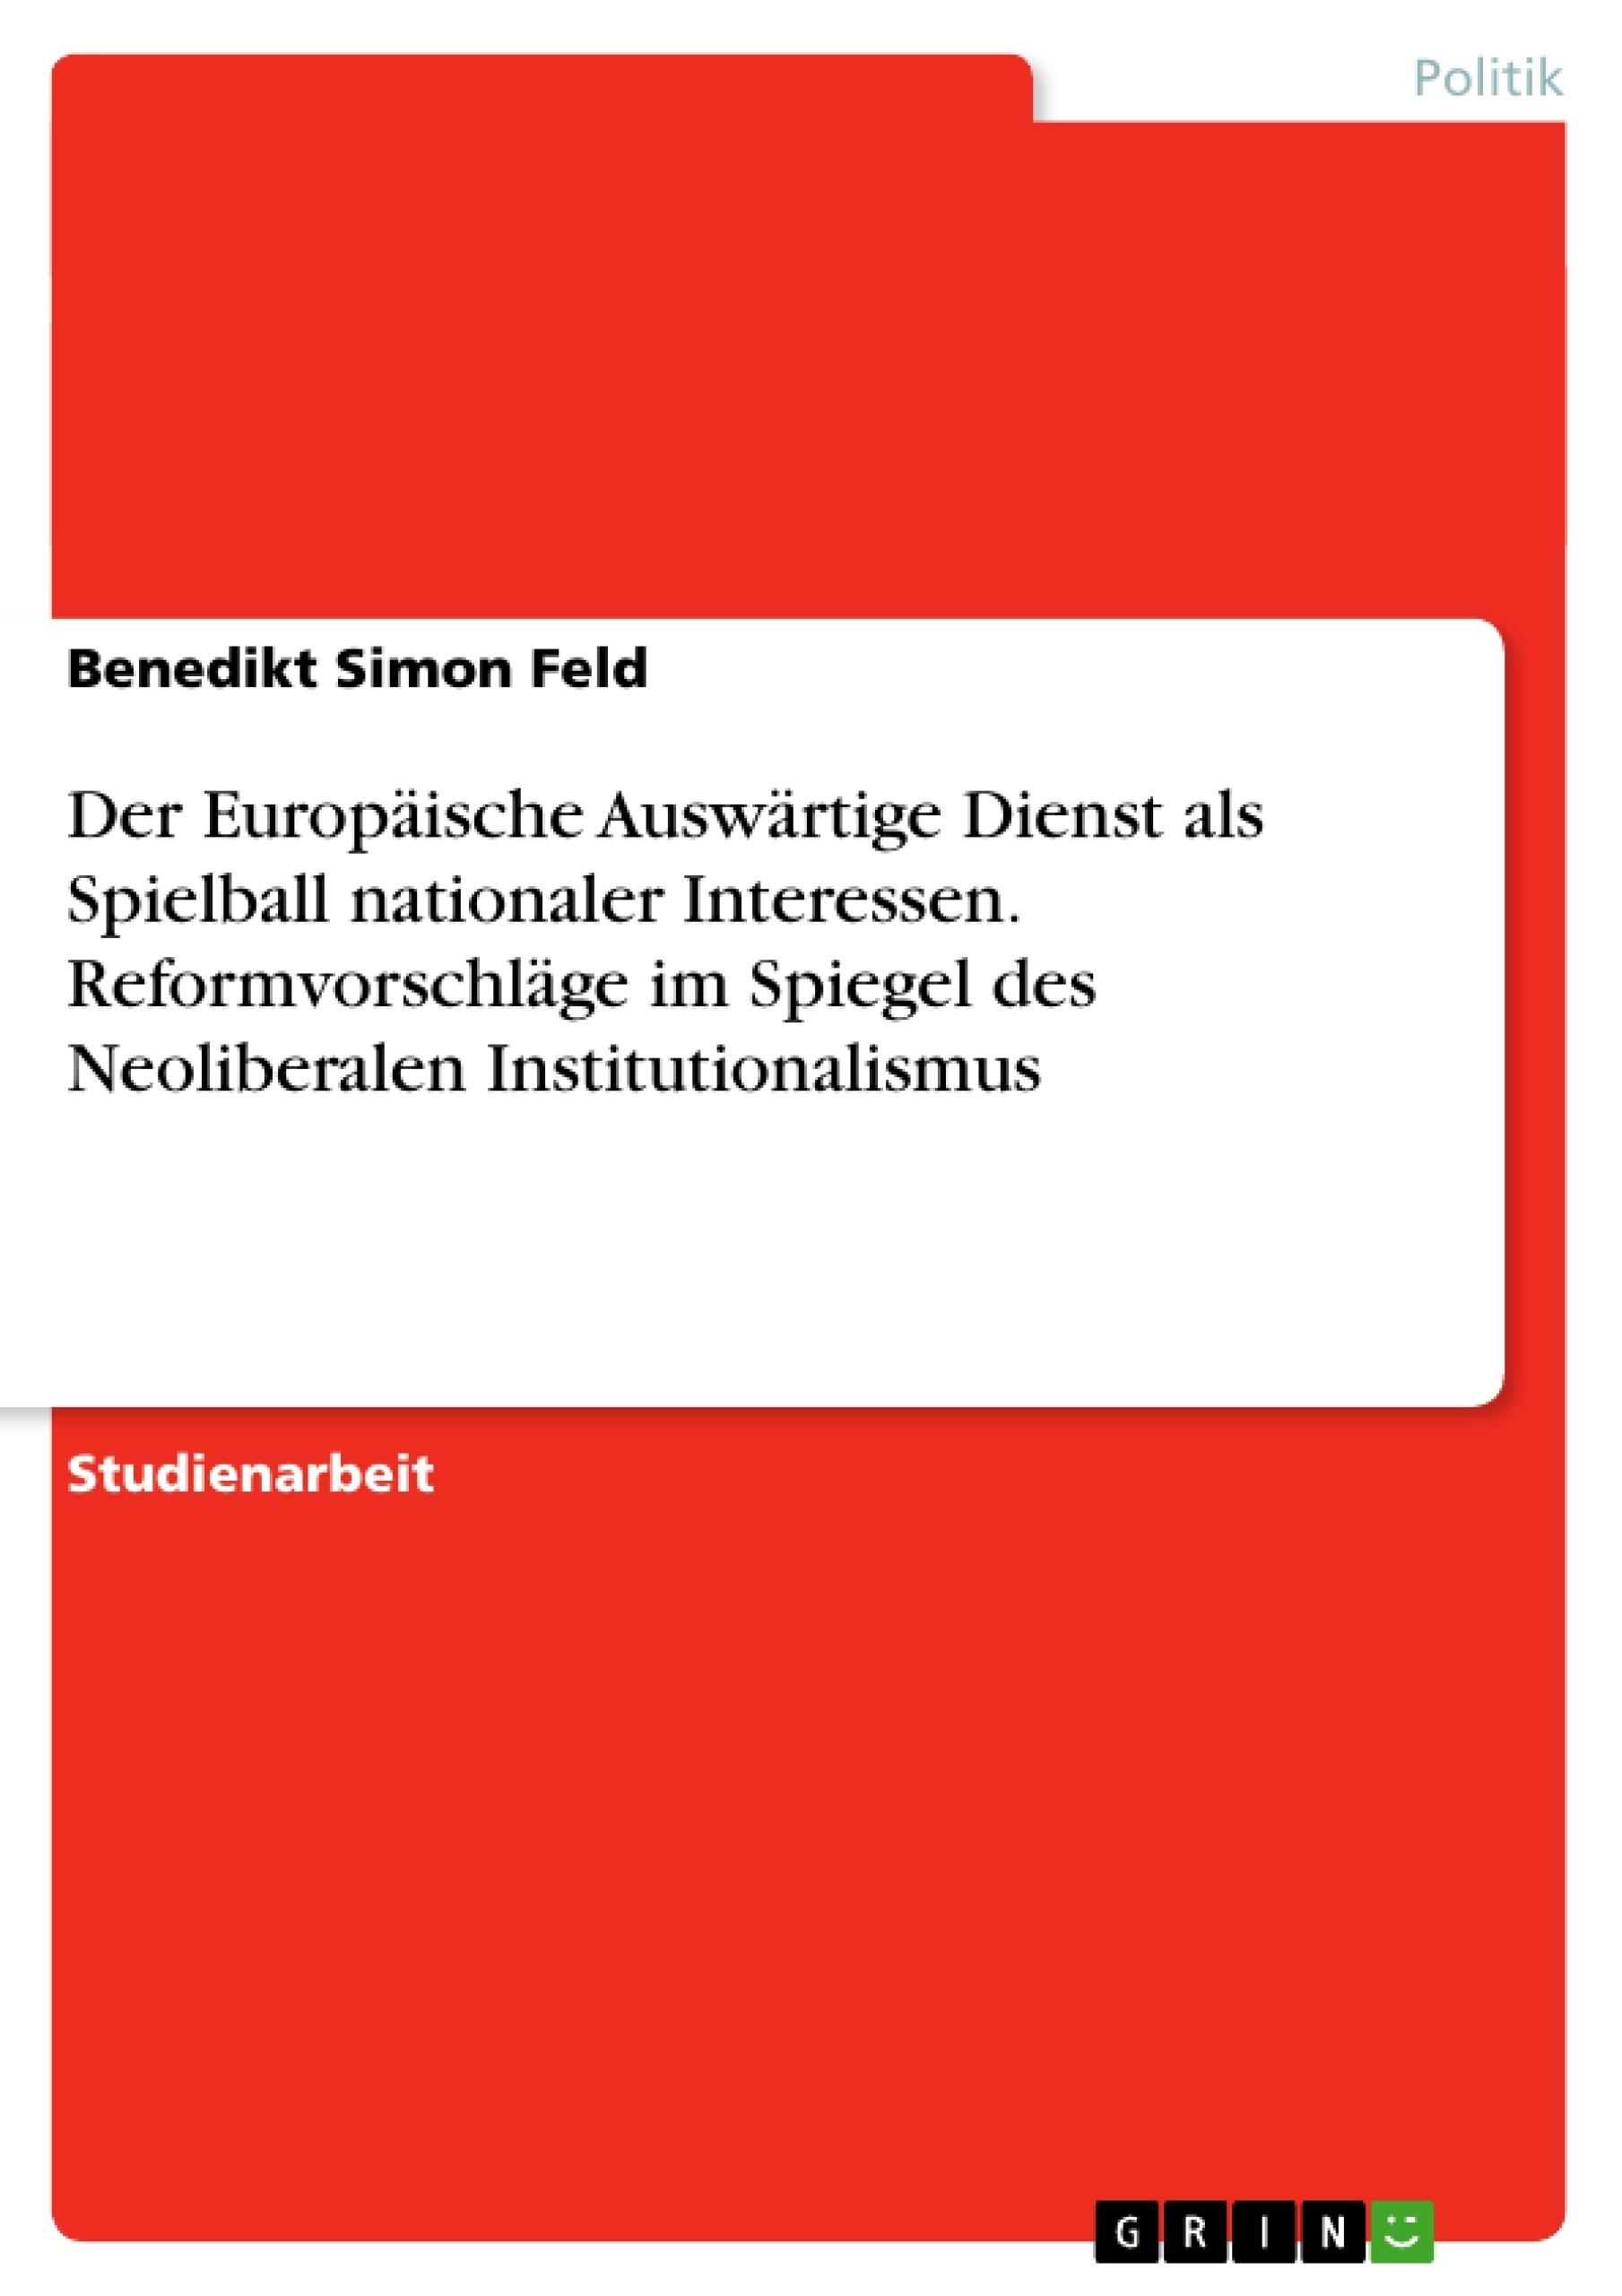 Titel: Der Europäische Auswärtige Dienst als Spielball nationaler Interessen. Reformvorschläge im Spiegel des Neoliberalen Institutionalismus